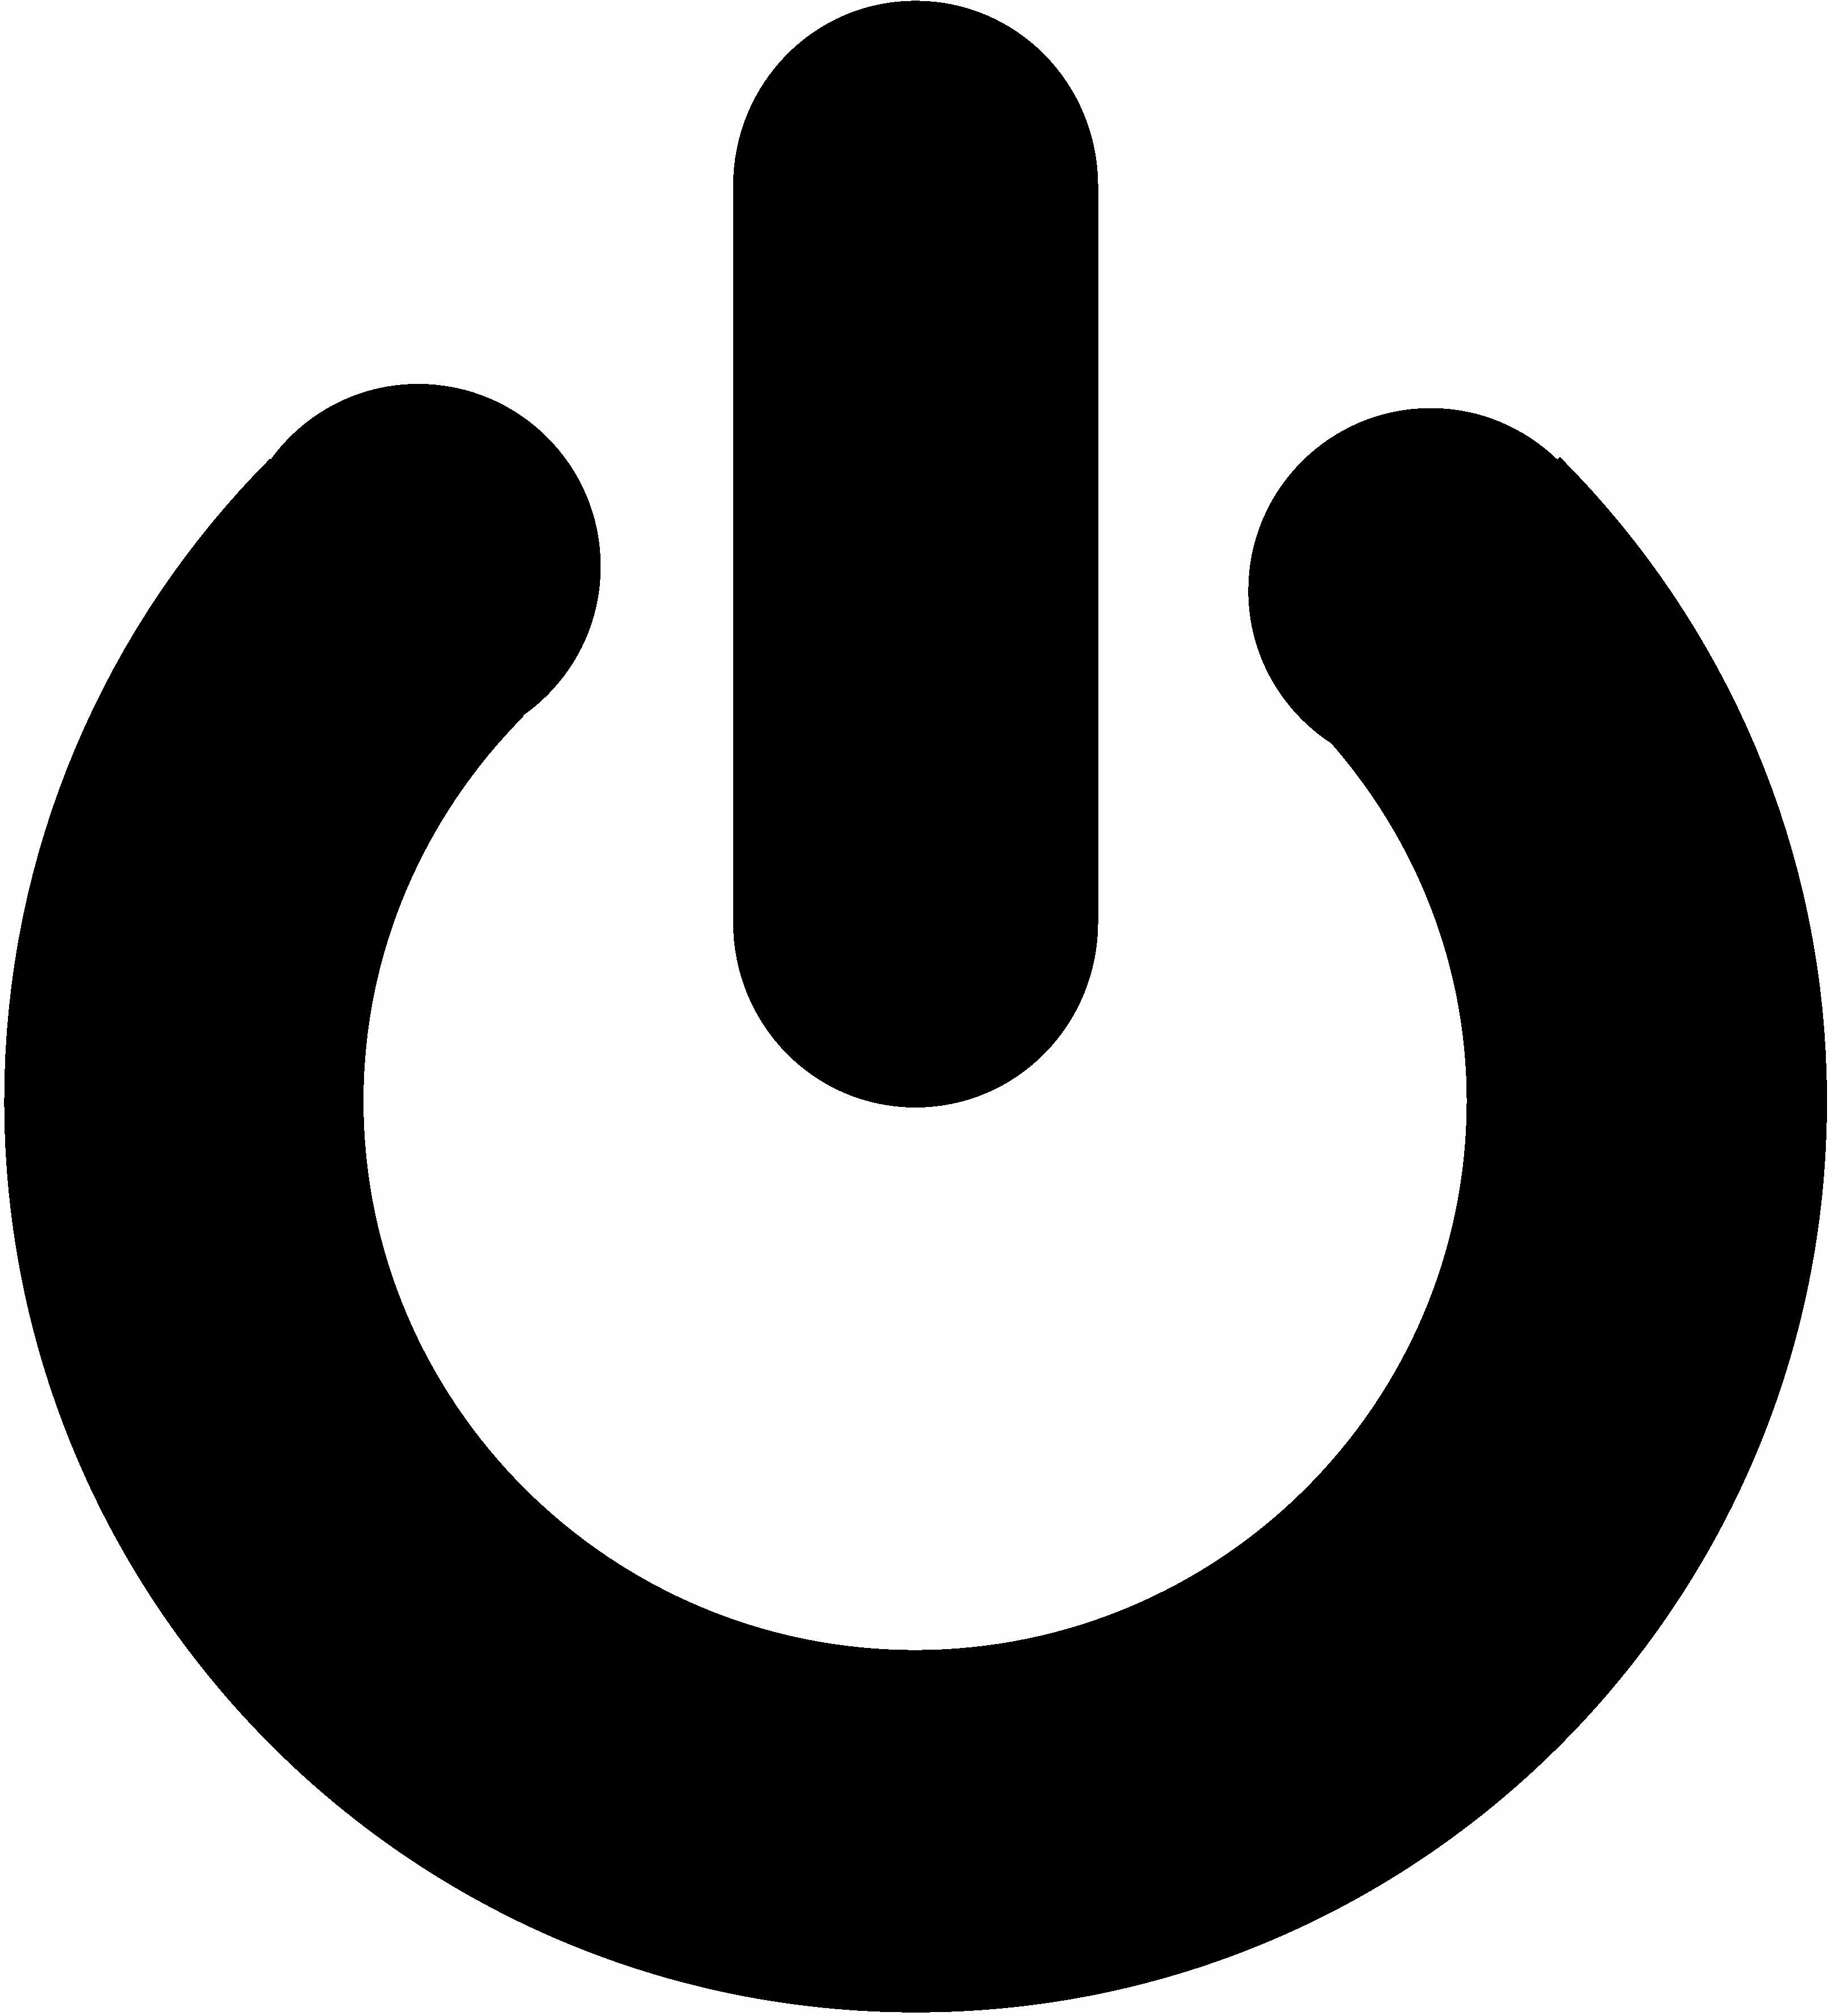 week 5 popular modern symbol tattoo rh pinterest com power button logo for companies power button logo for companies